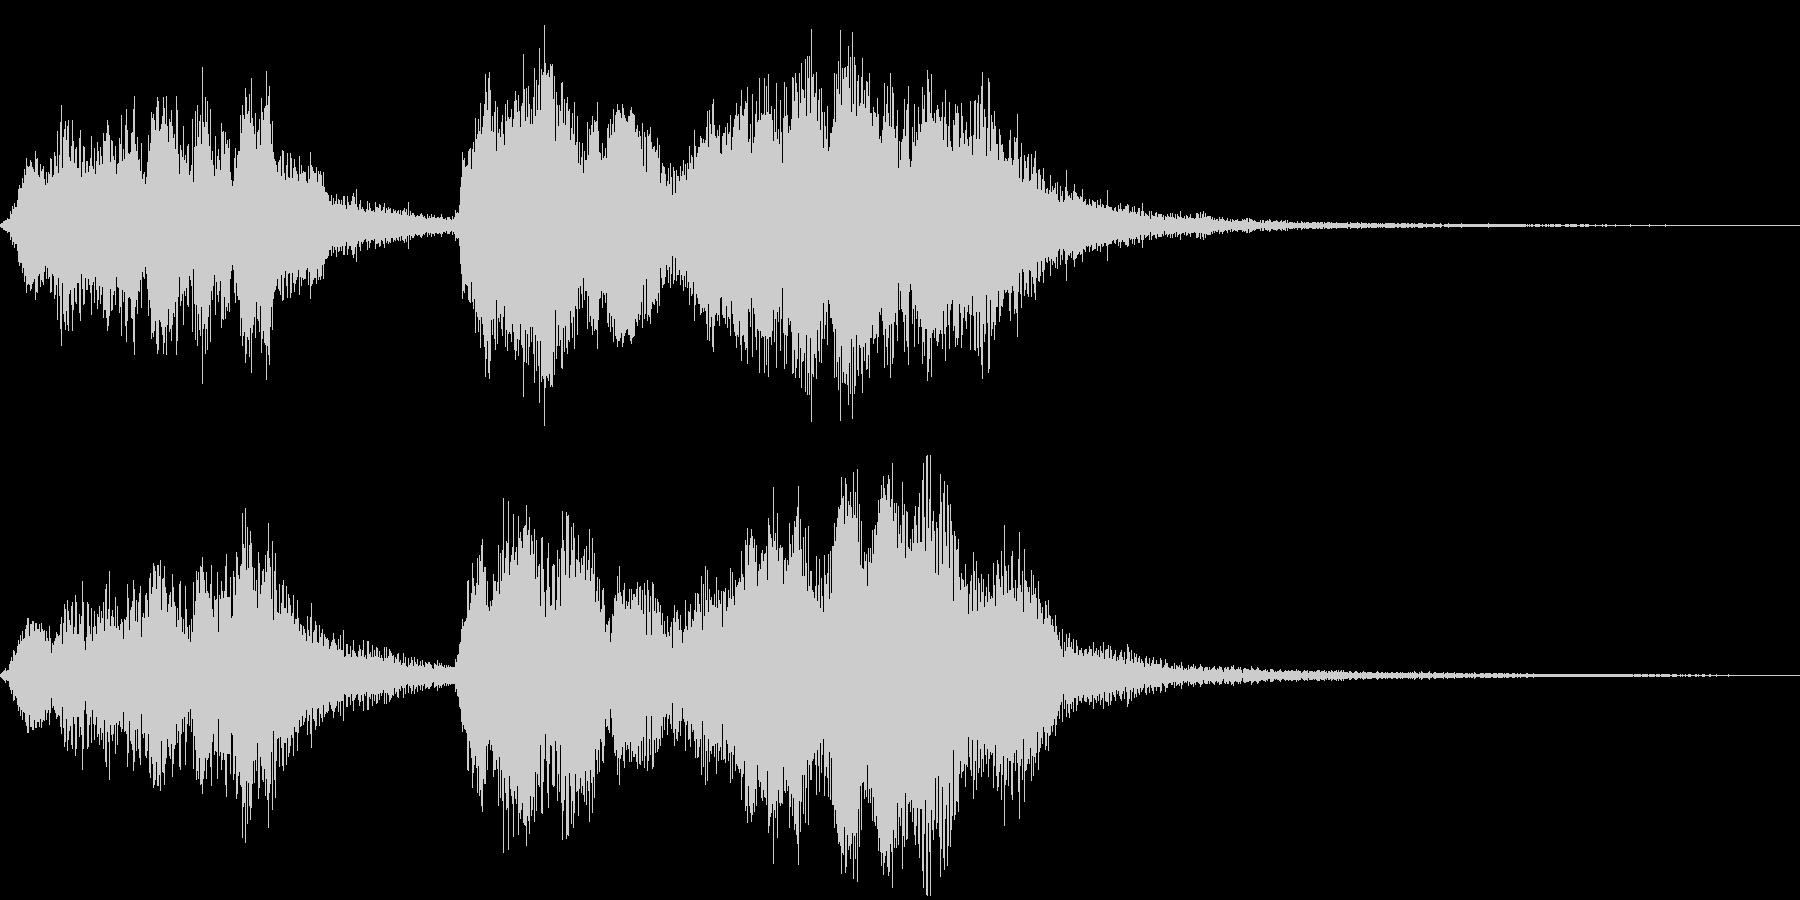 管弦楽によるかわいいジングルの未再生の波形